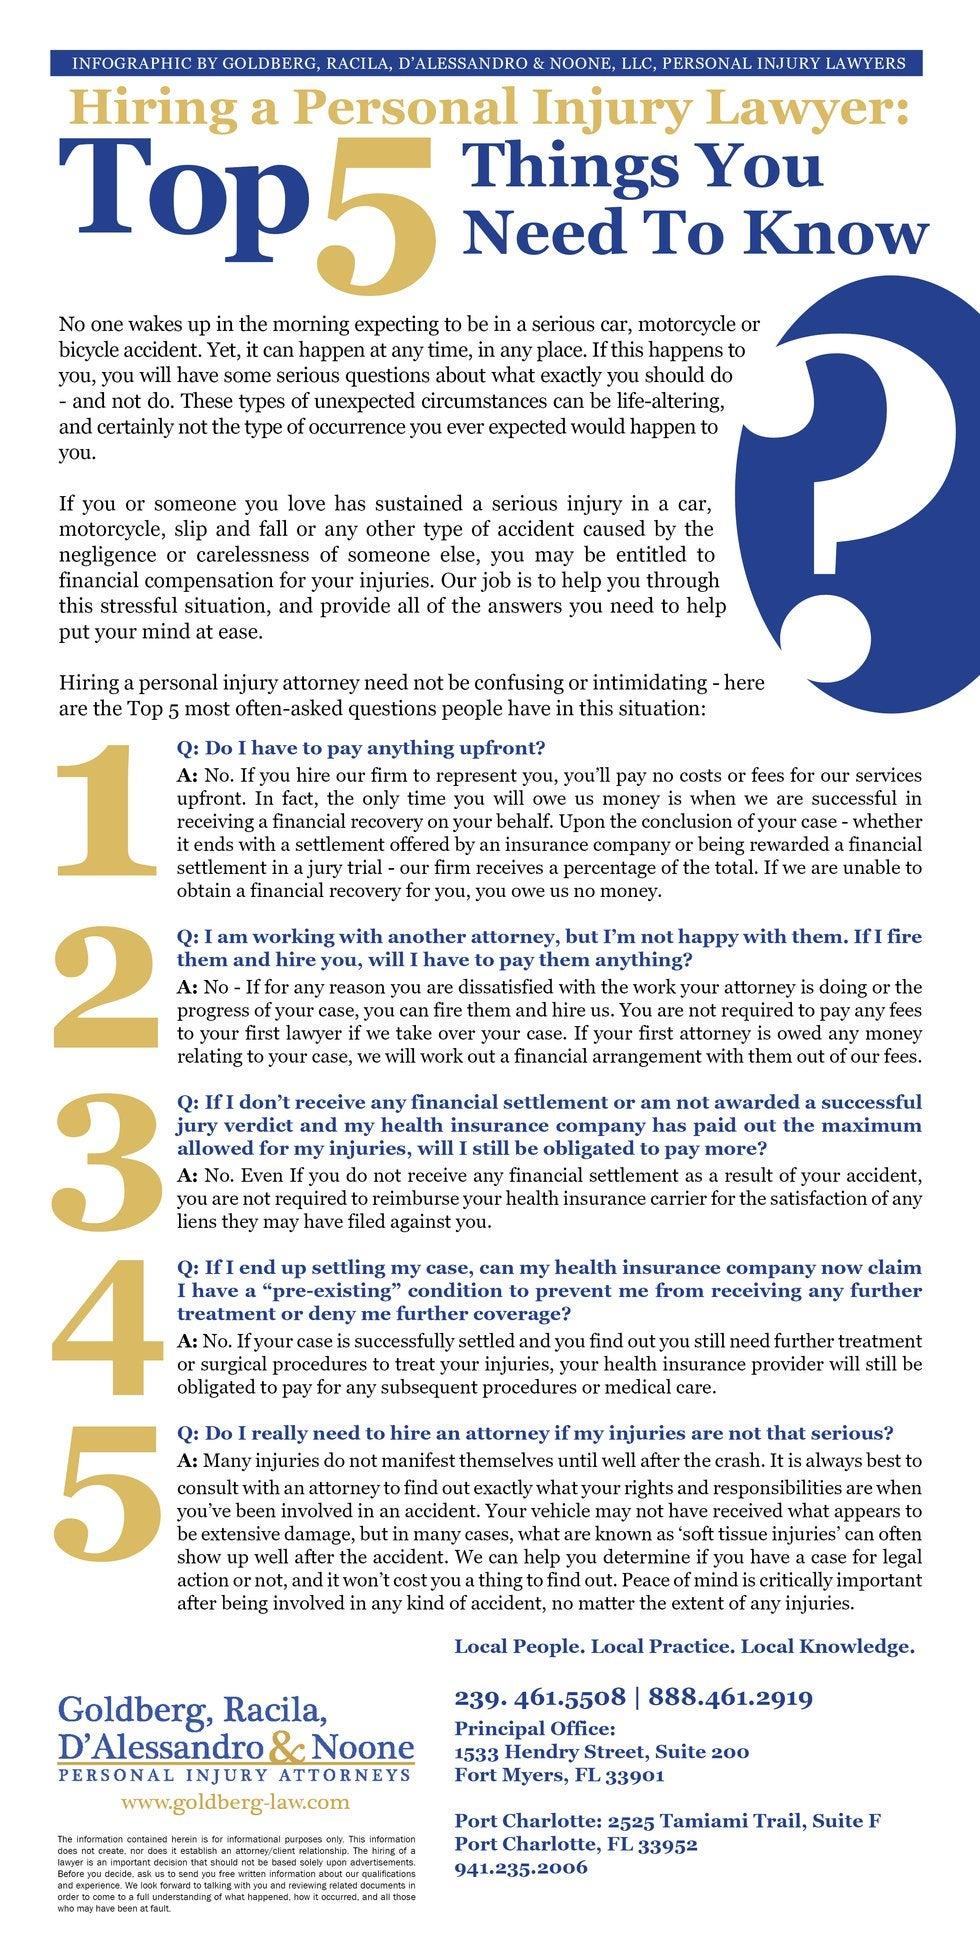 Top 5 questions rev 3 9 15